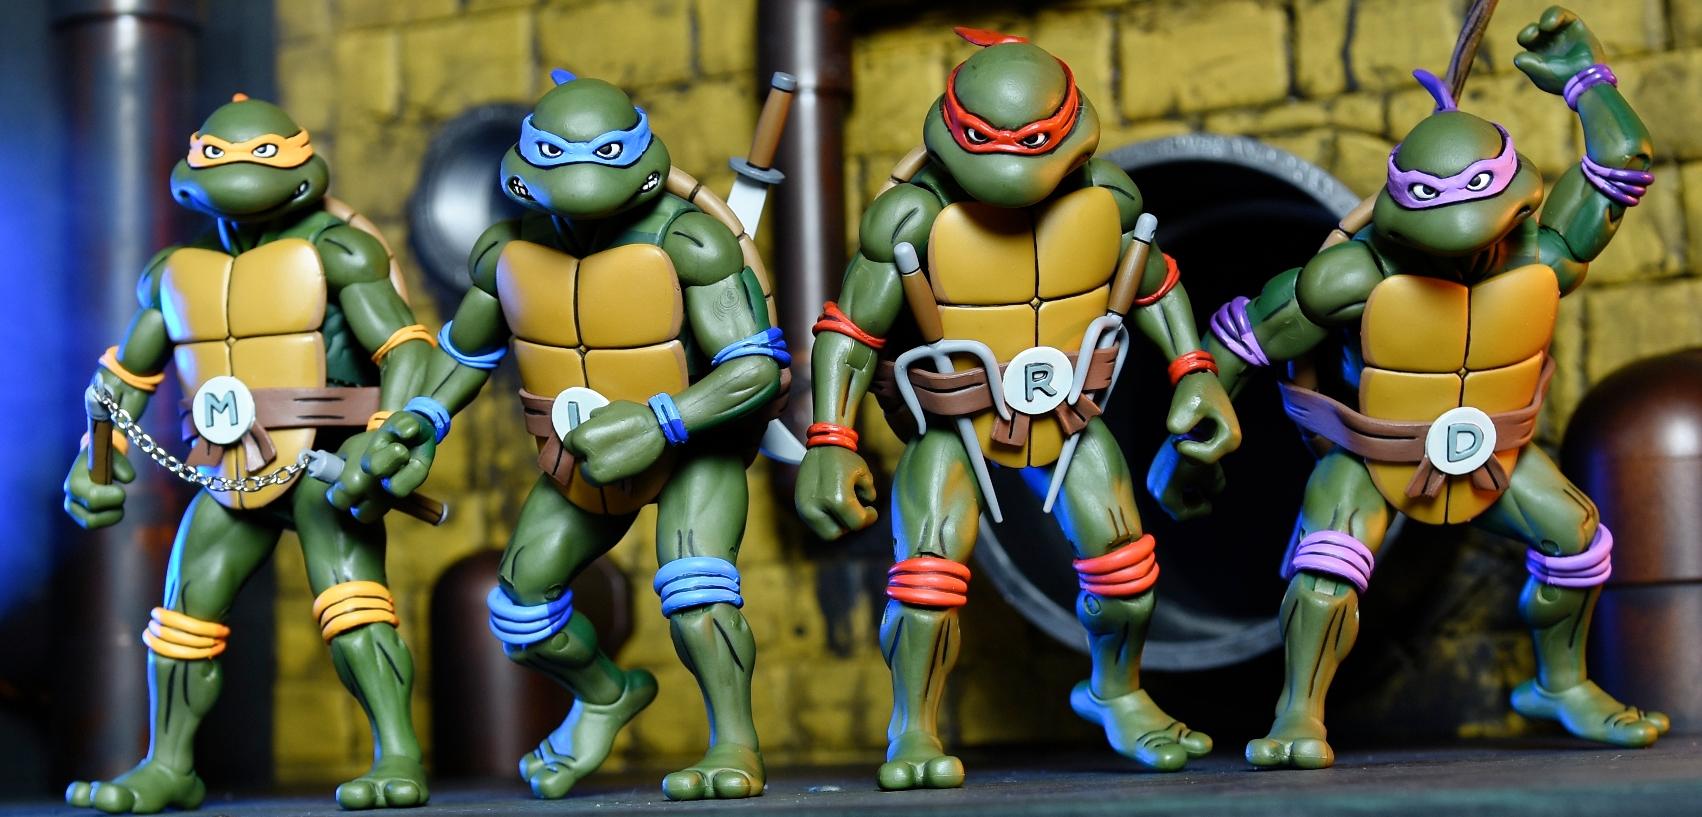 Neca teenage mutant ninja turtles action figure box set